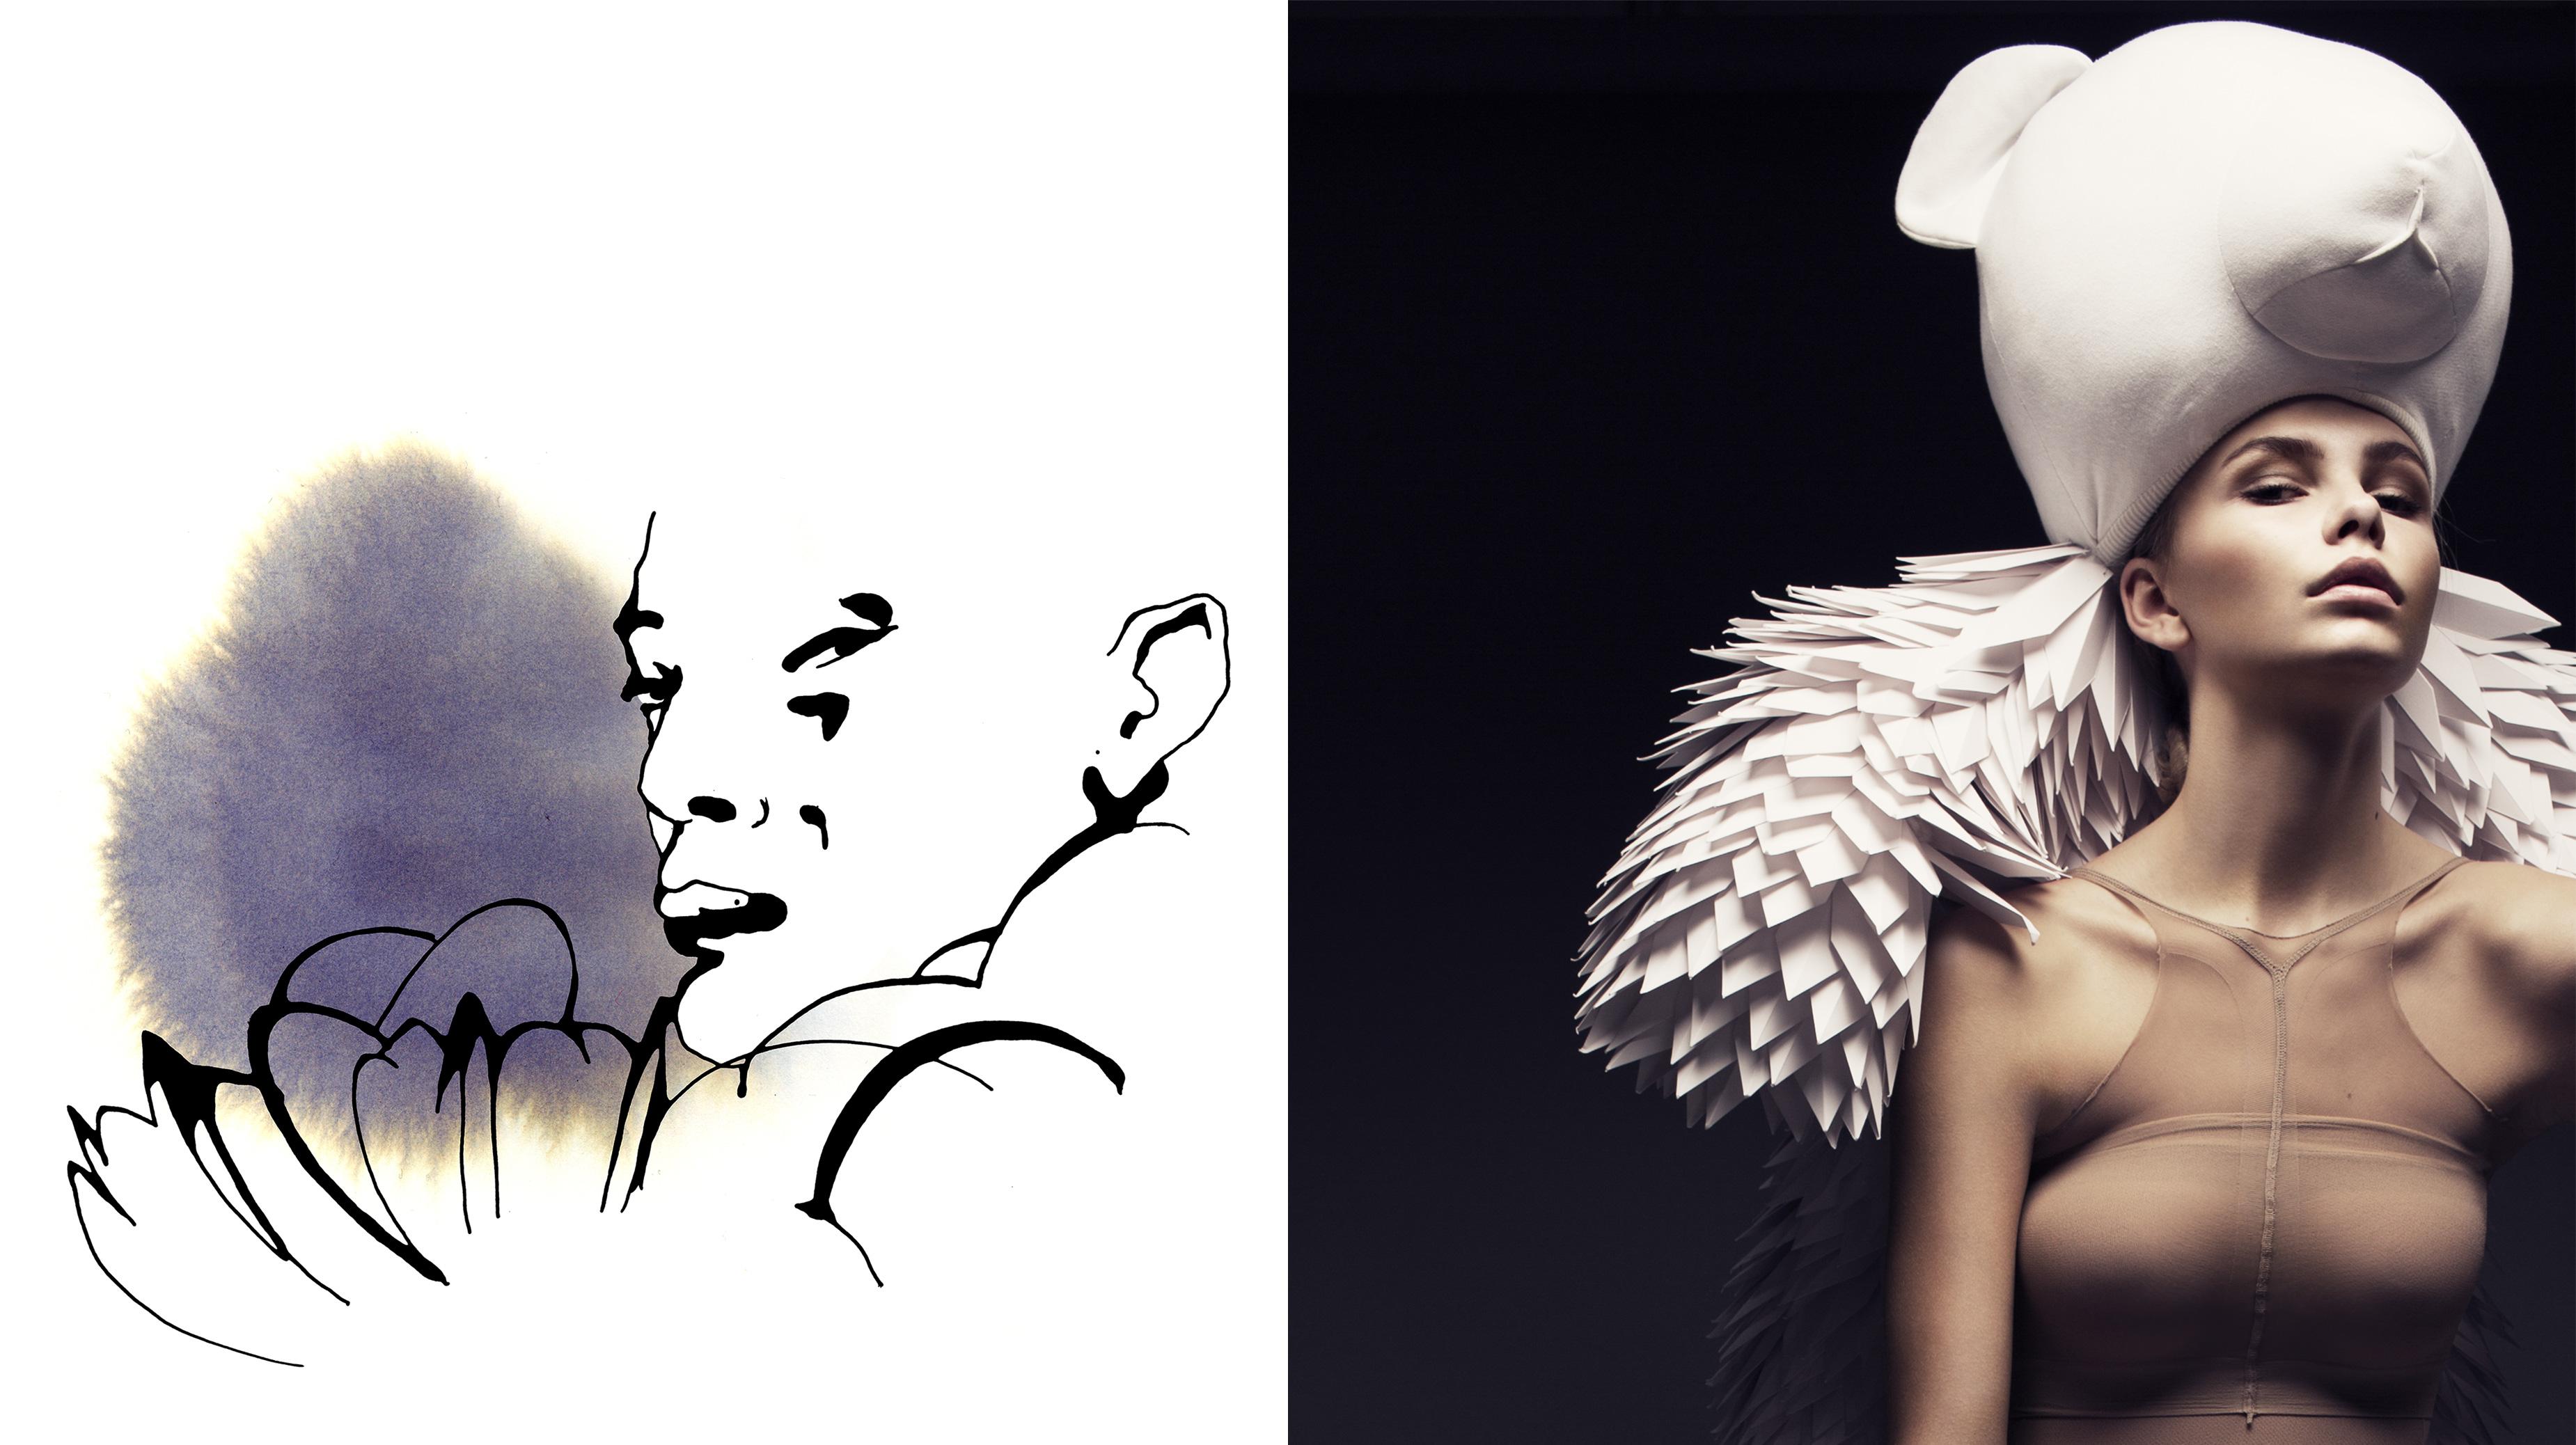 Två konstverk av Stina Wirsén och Bea Szenfeld